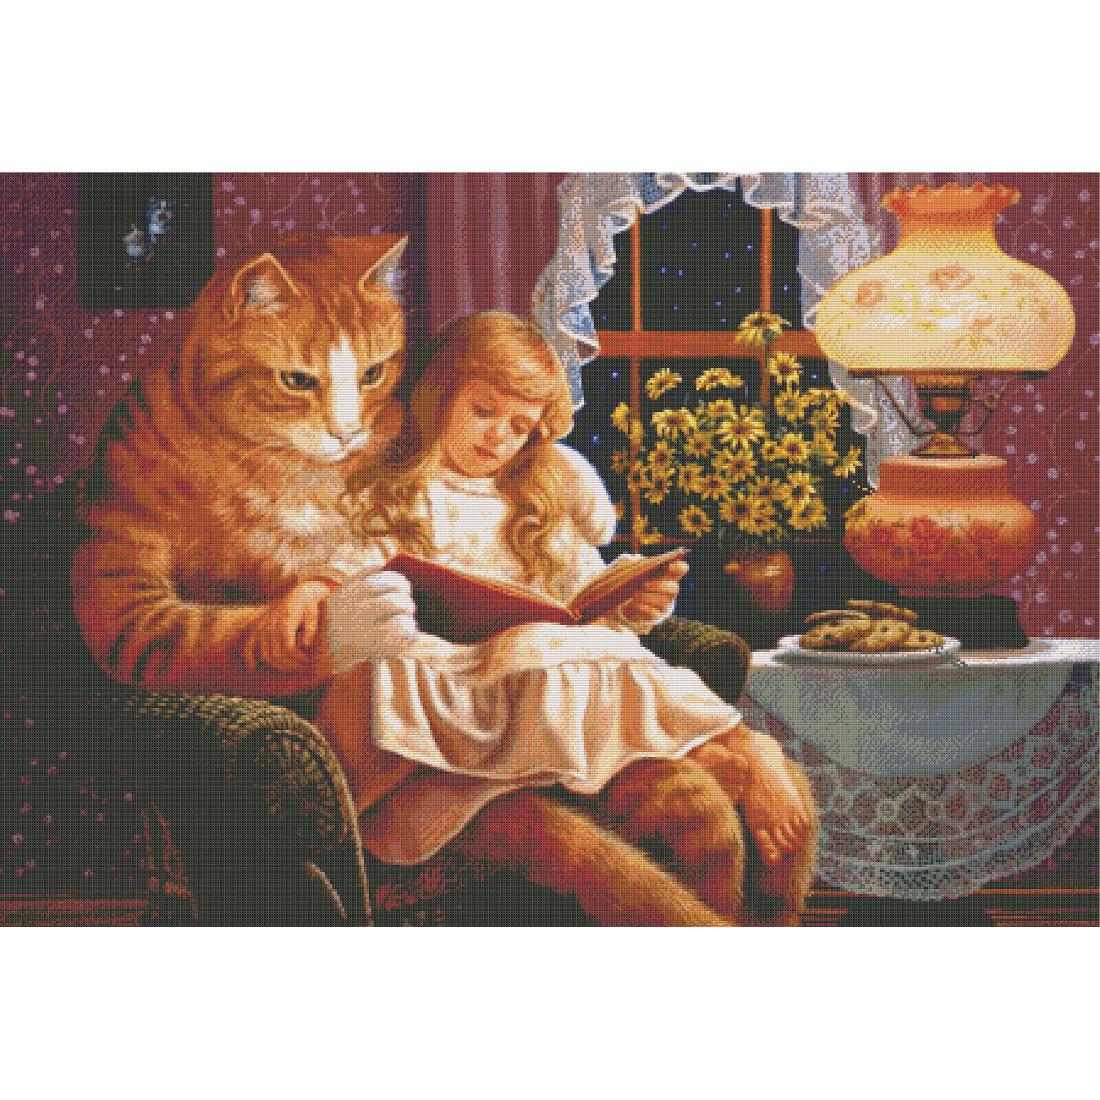 Kot czytający bajkę